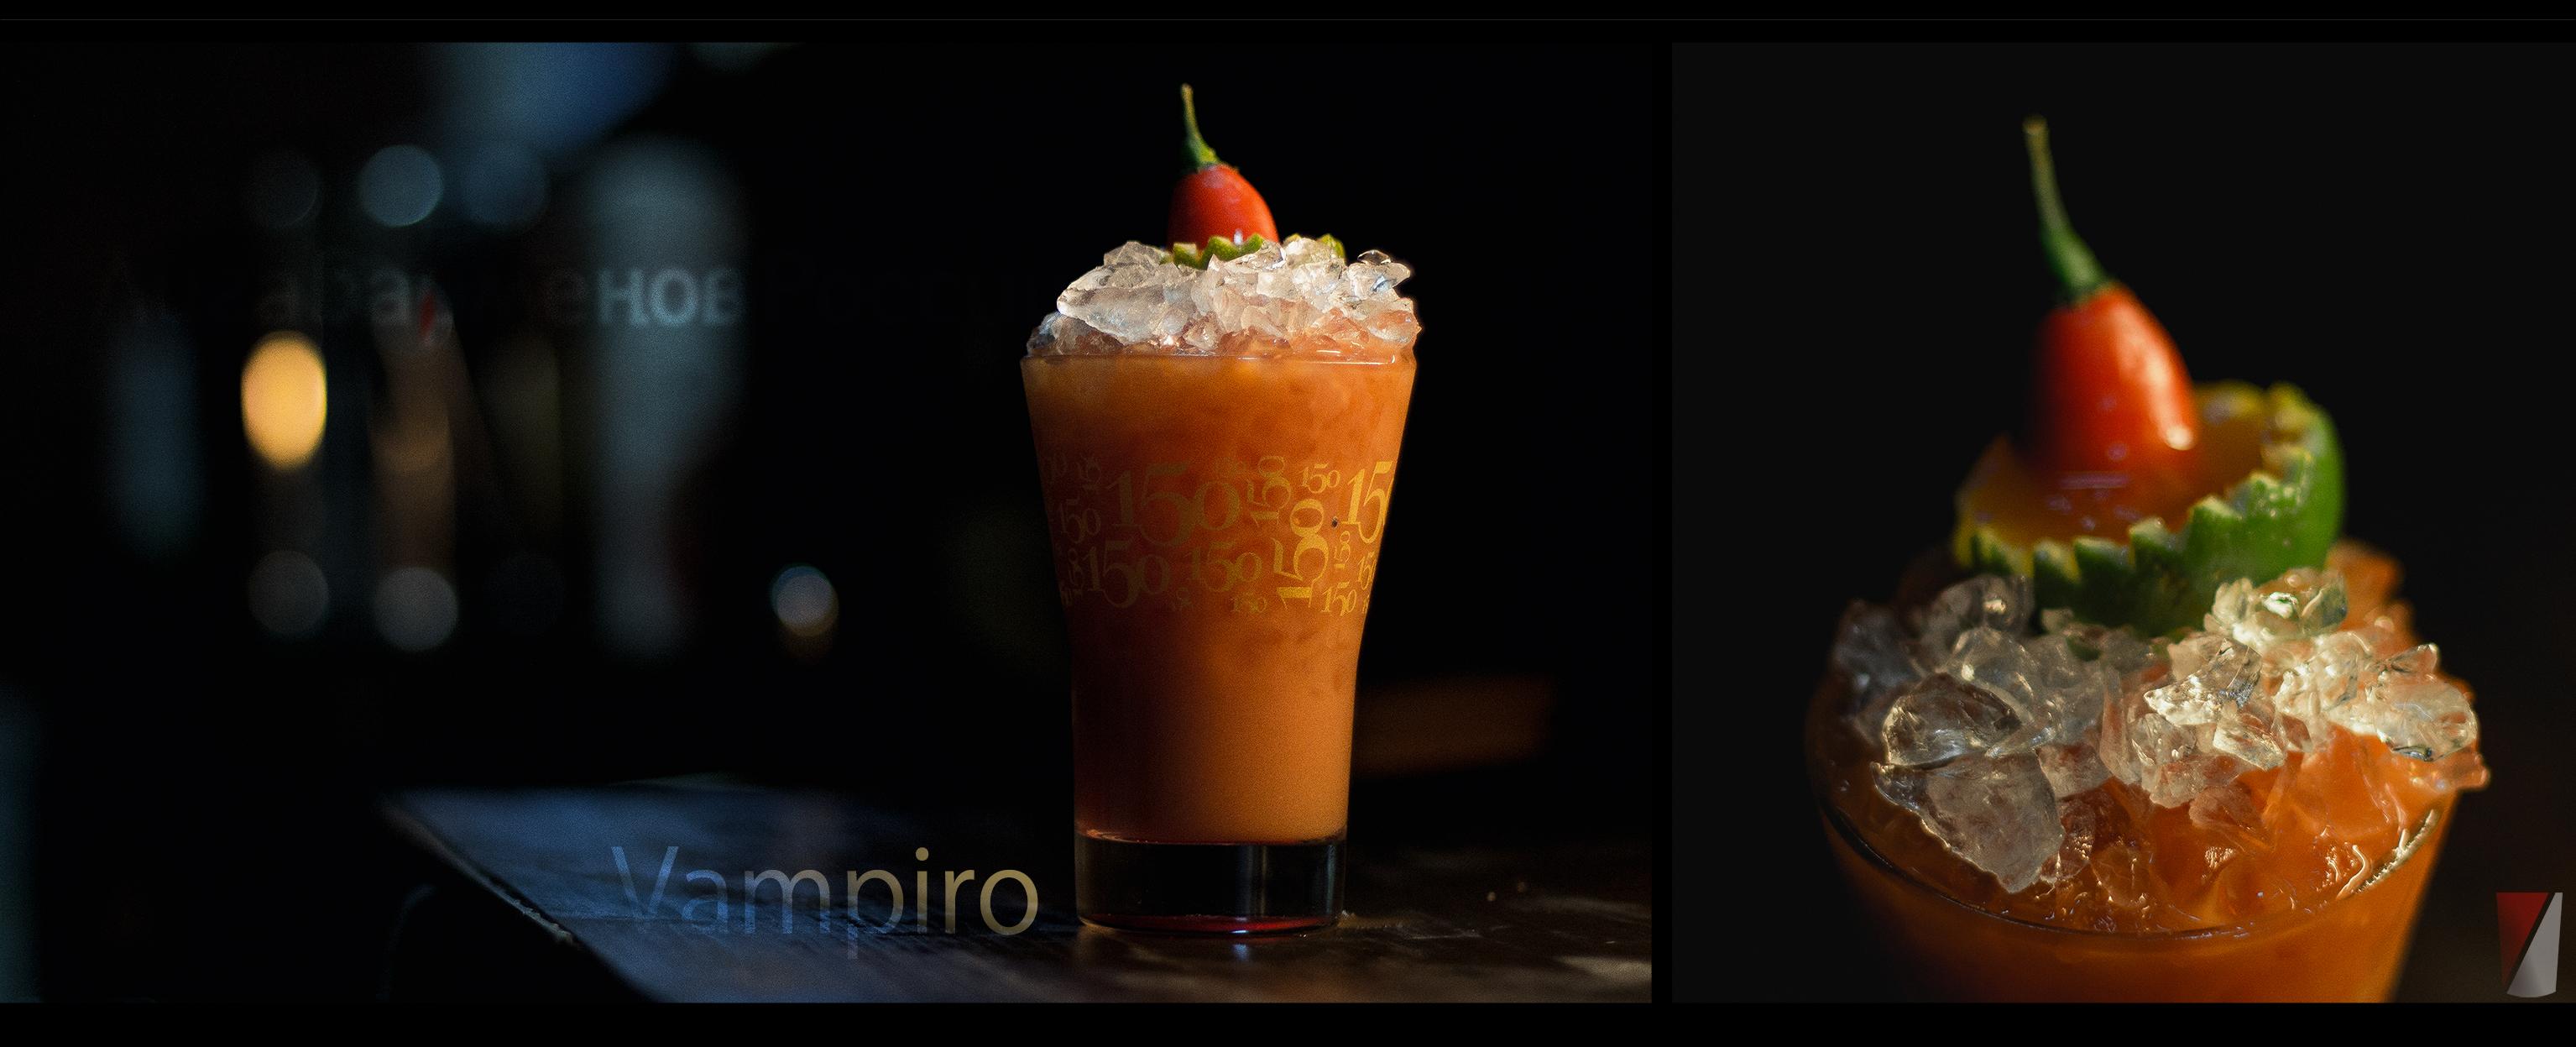 Рецепт коктейля Вампиро